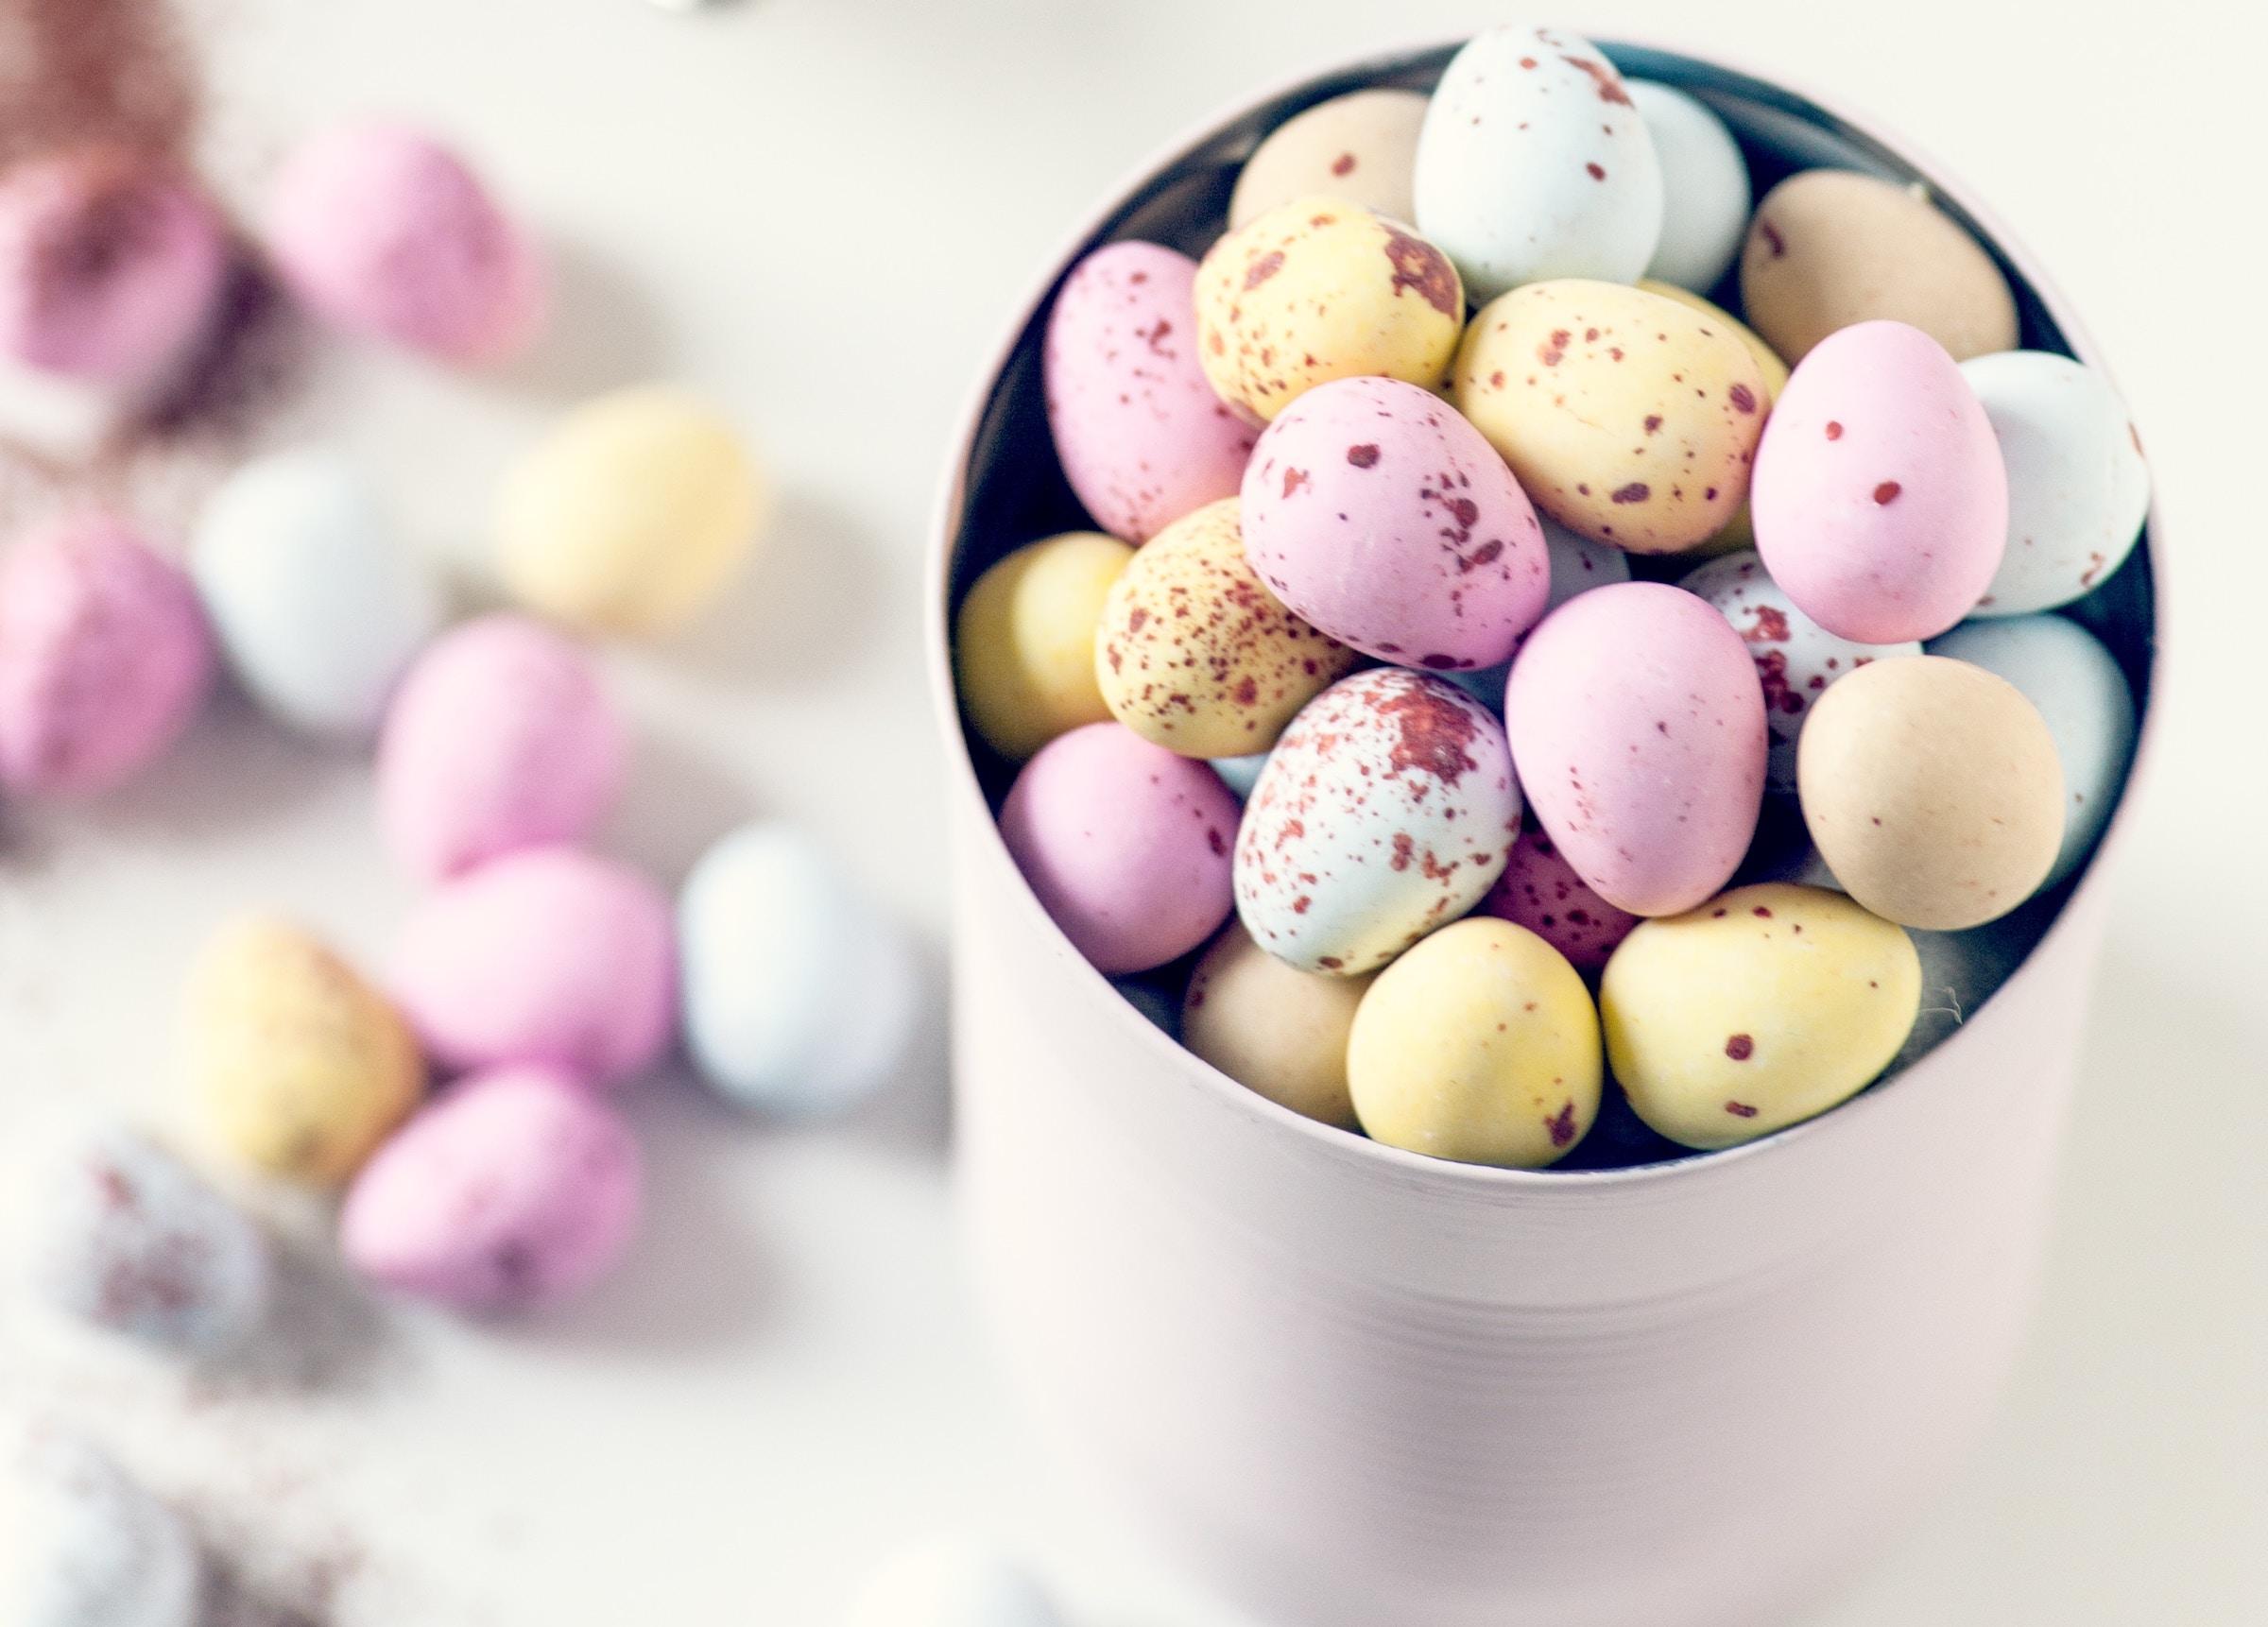 A húsvéti szezonális csokoládé figurák szimbólumrendszere